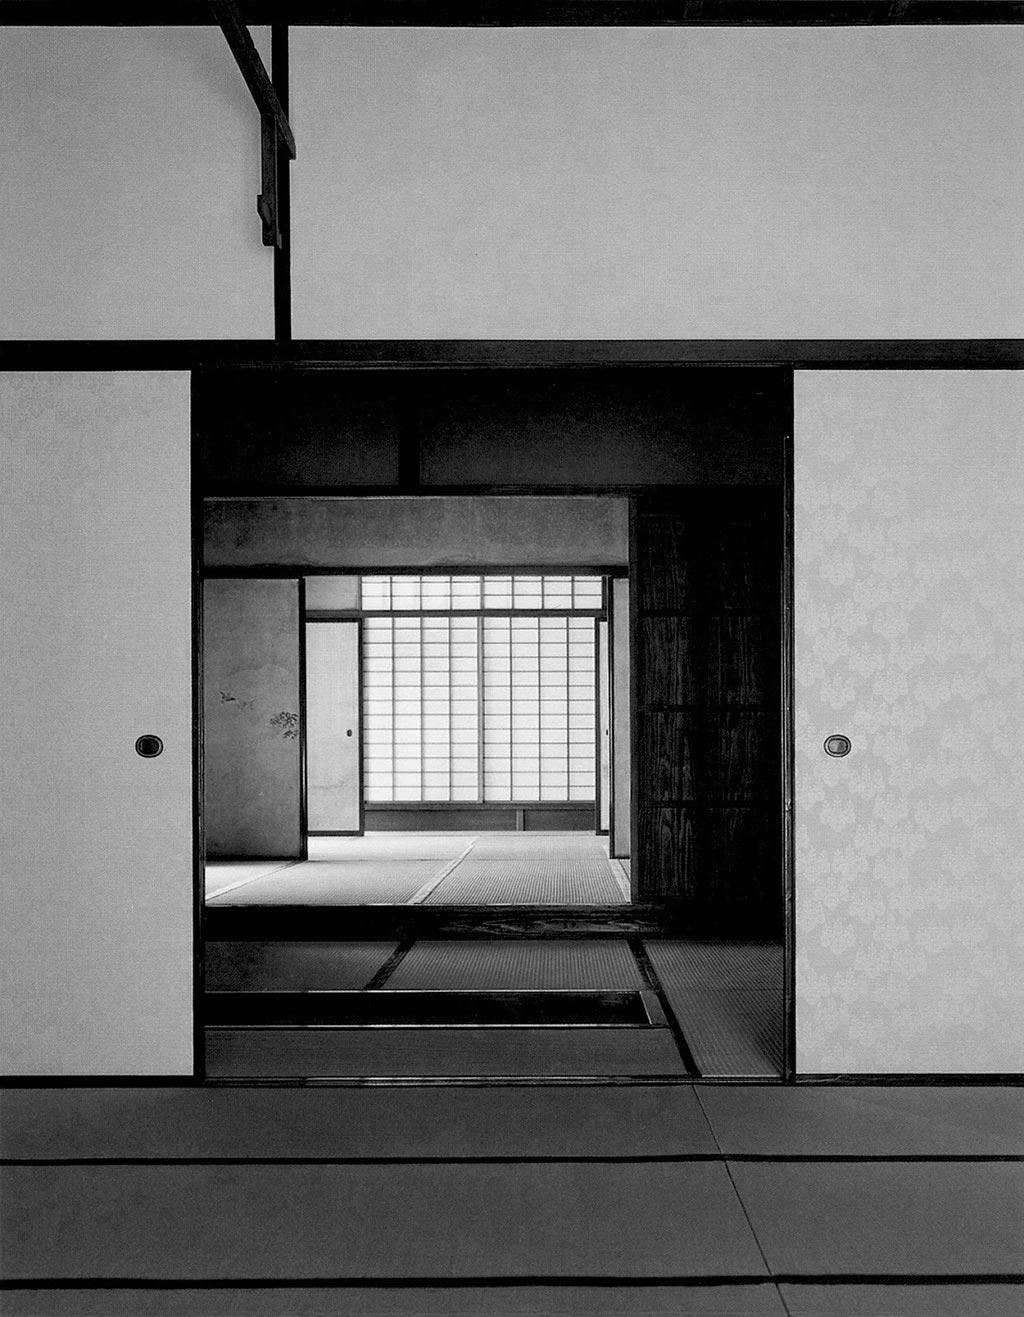 Katsura-yasuhiro-ishimoto-15